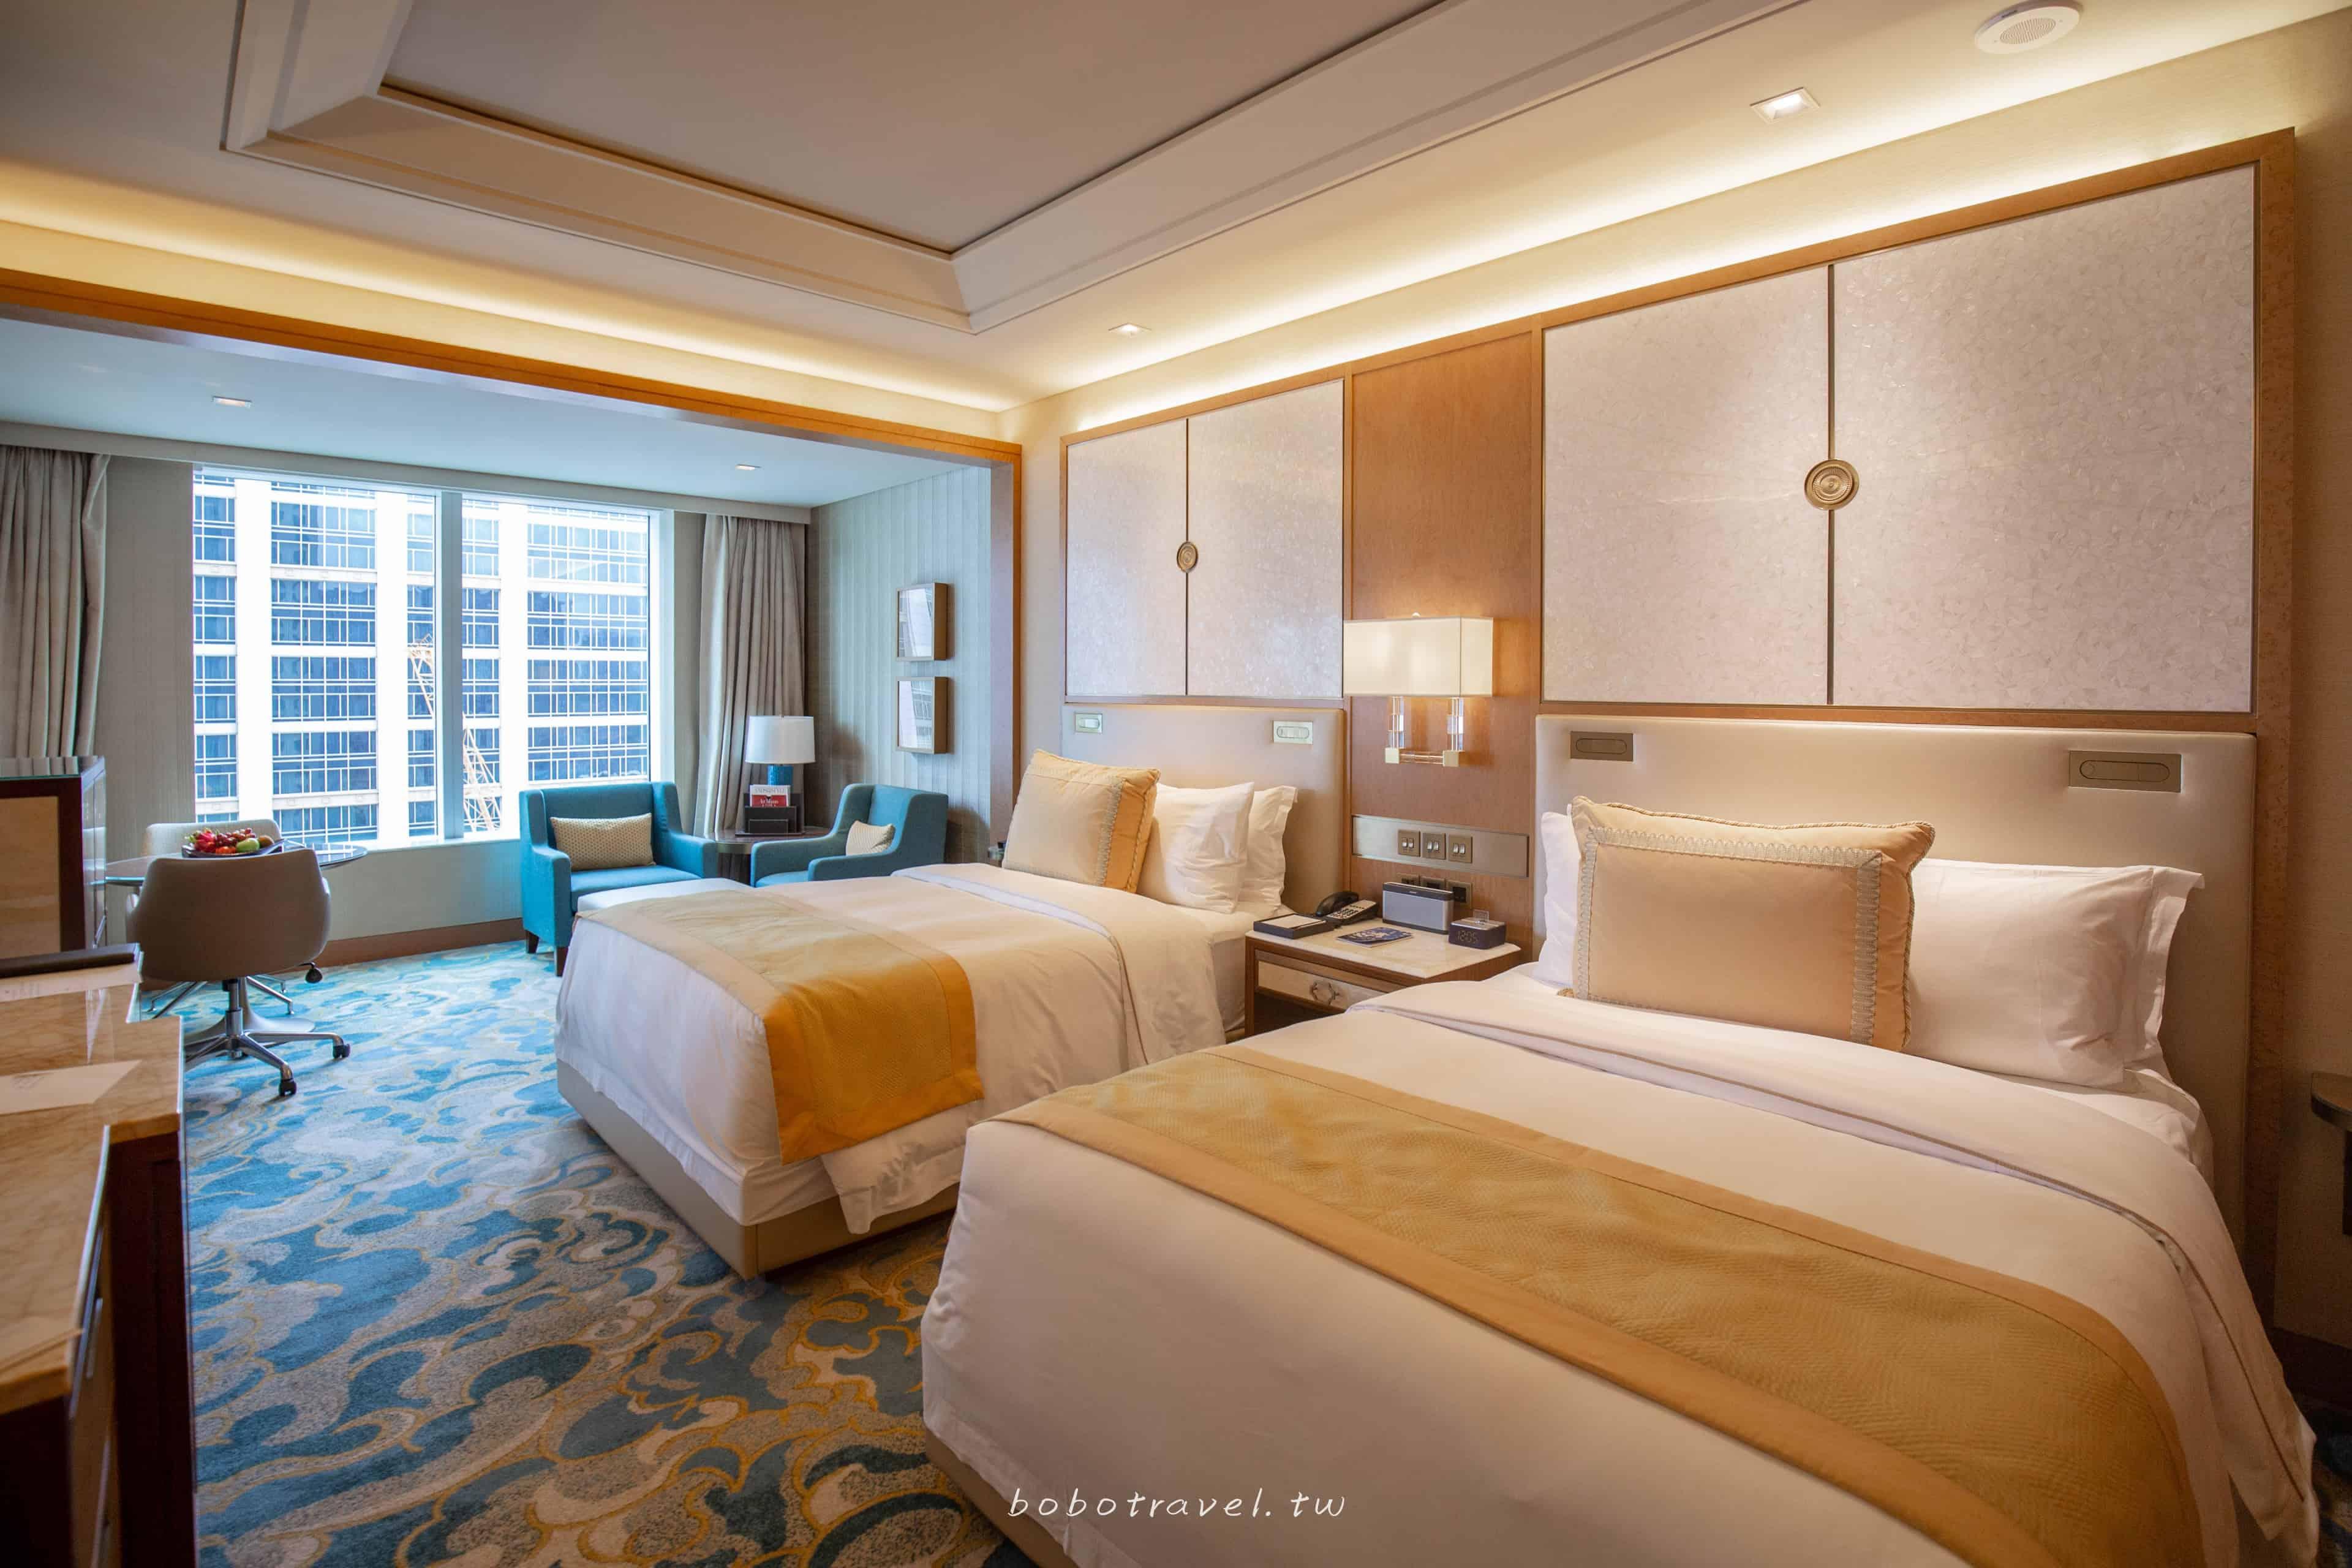 澳門住宿、瑞吉金沙城中心酒店|24小時私人管家超高規格,坐擁澳門天際線的 St. Regis Macao